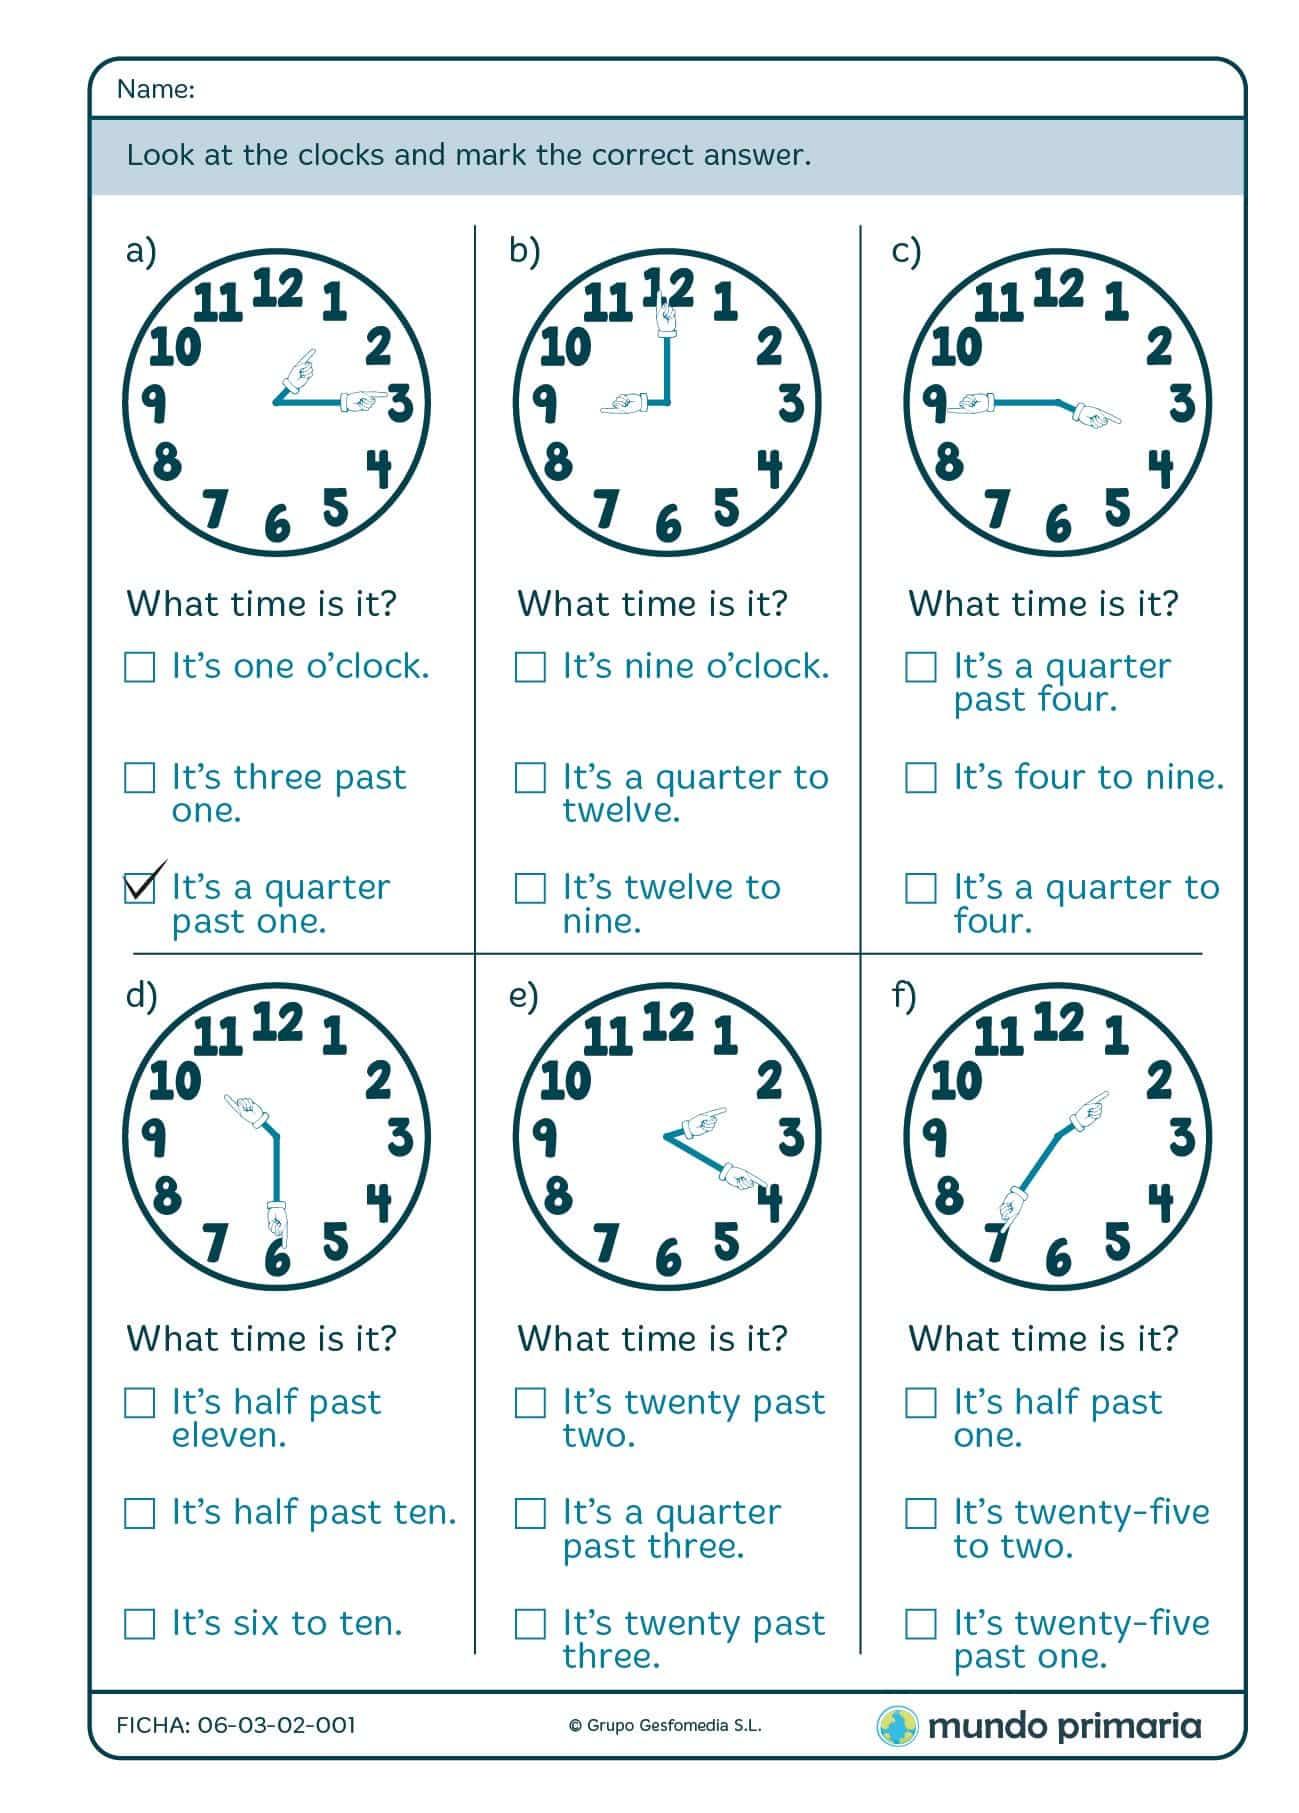 Ficha de what time is it para niños de 9 a 10 años